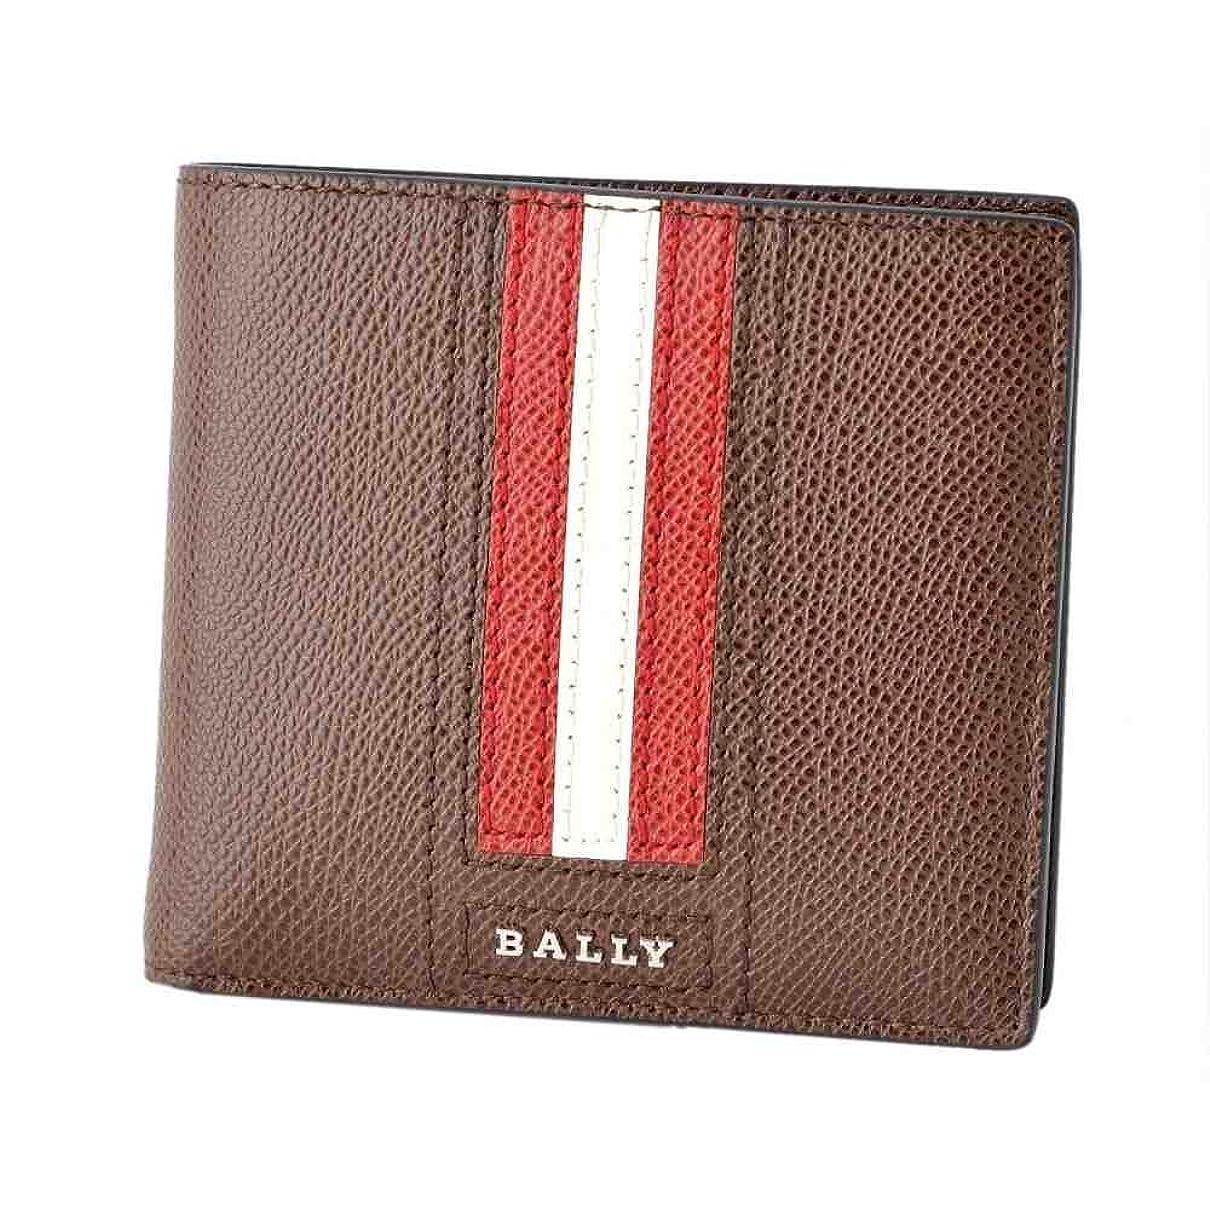 クライマックスコメンテーターにバリー BALLY TEISEL.LT 211 6219954 バリーストライプ 小銭入れ付 二つ折り財布 [並行輸入品]